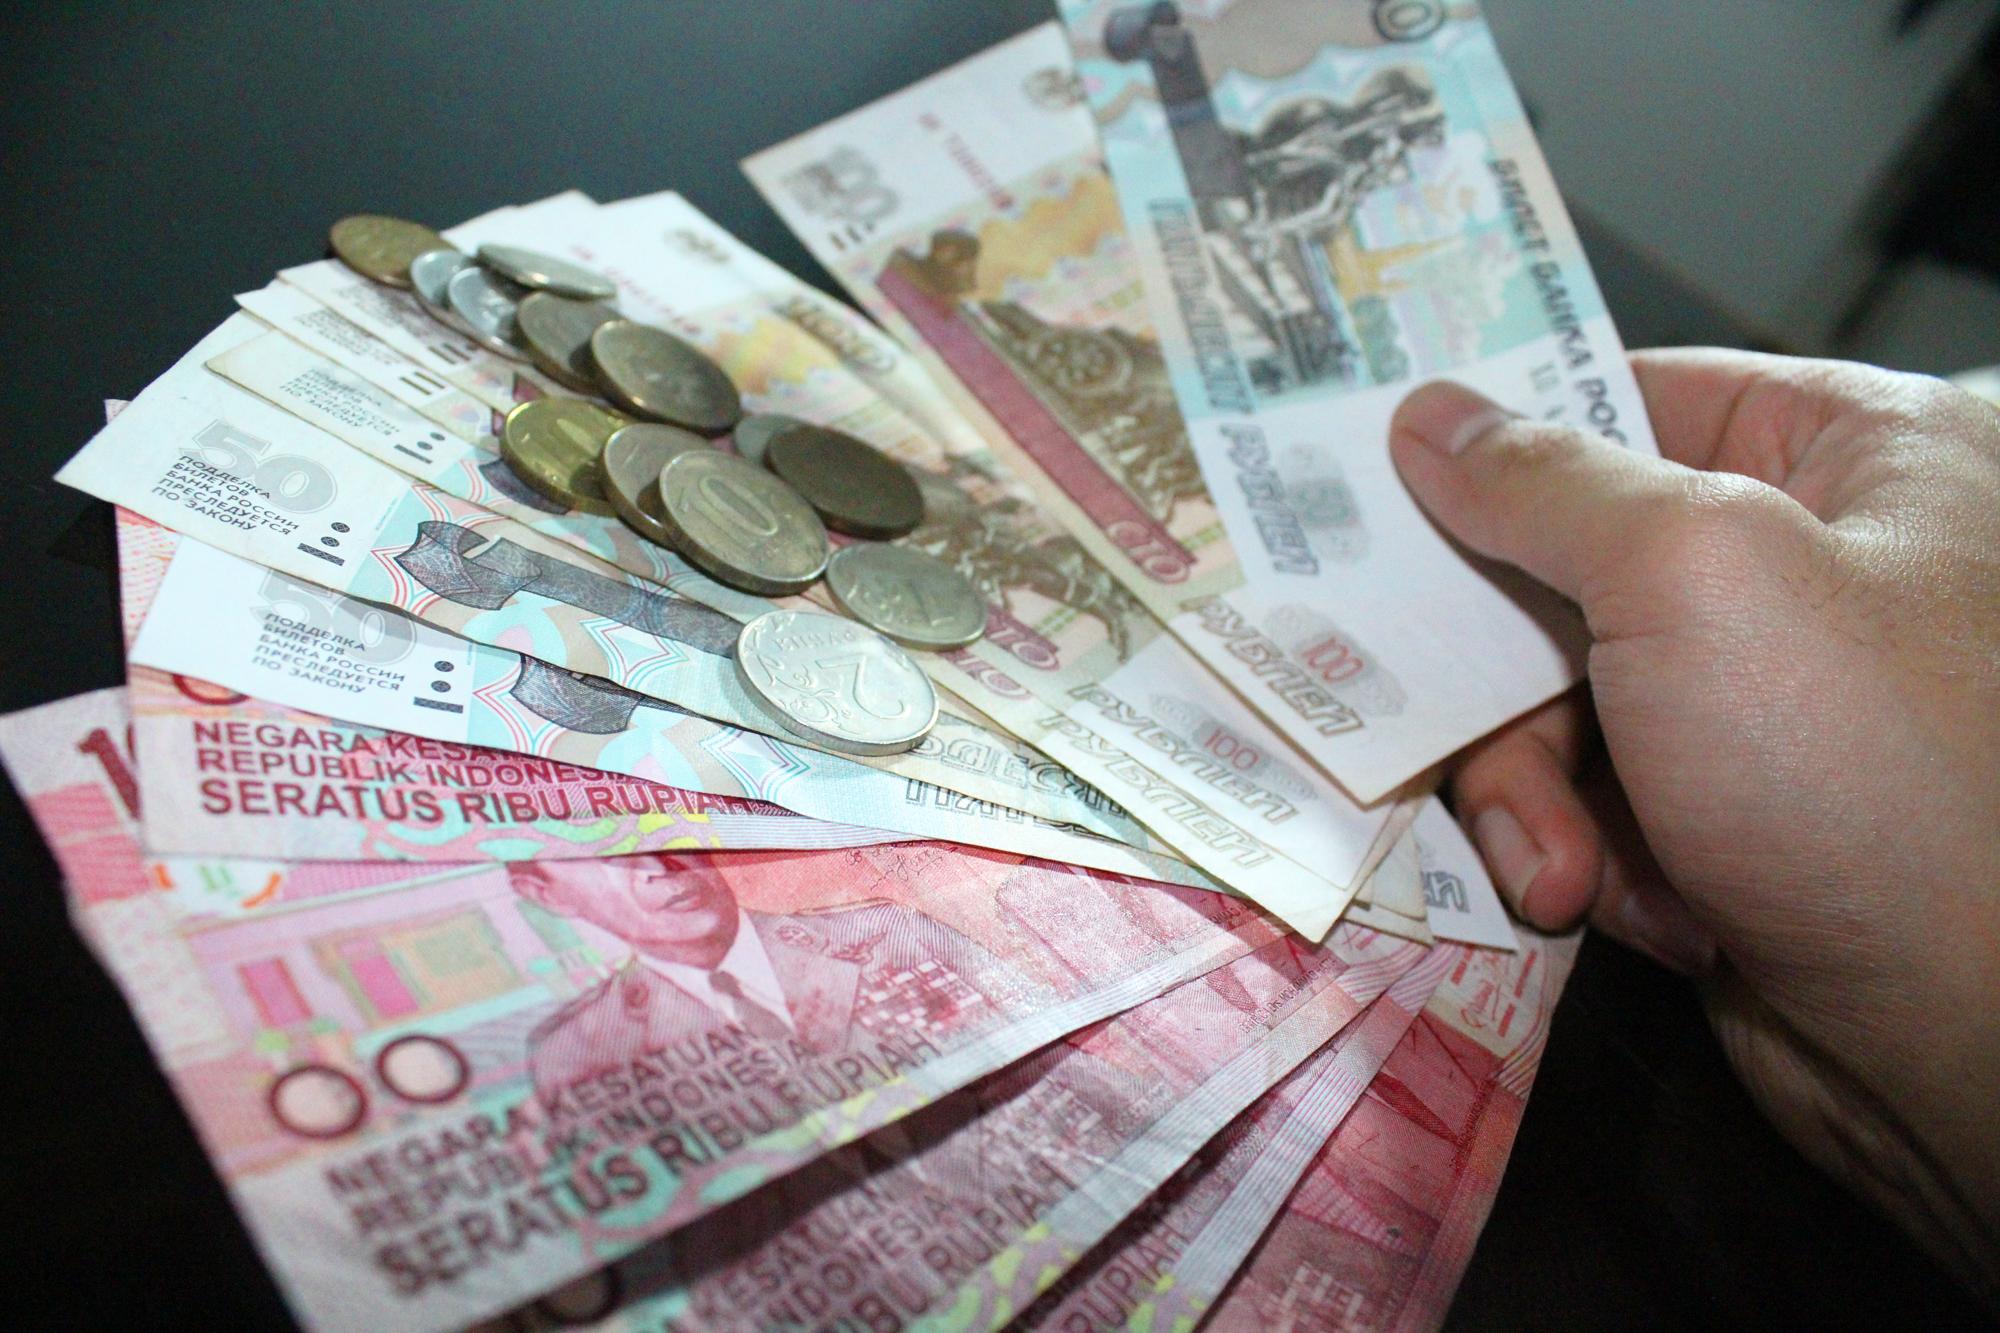 Manfaat yang Didapatkan Menukar Uang Lama dengan Uang Baru